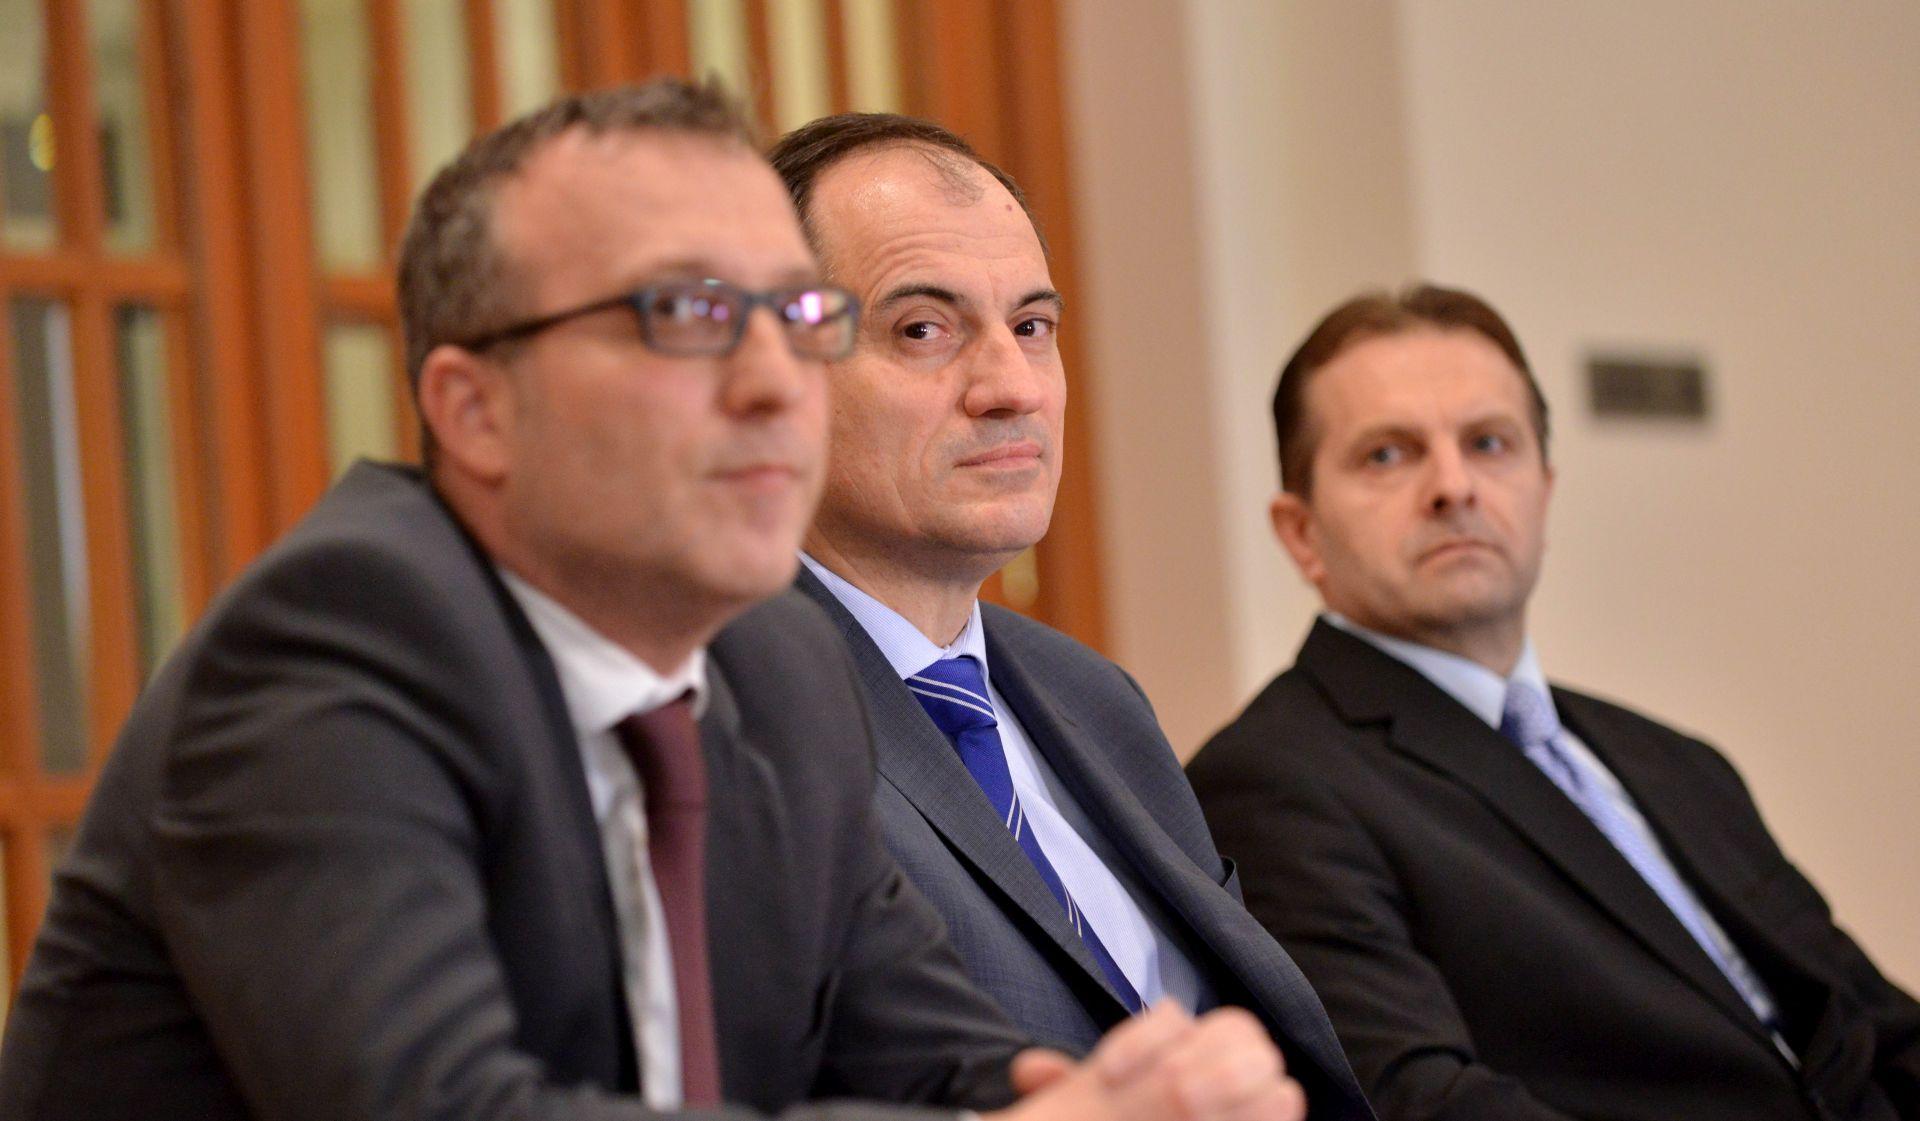 'Odluka zagrebačke Skupštine o otpadu pokazuje nepoznavanje problema'